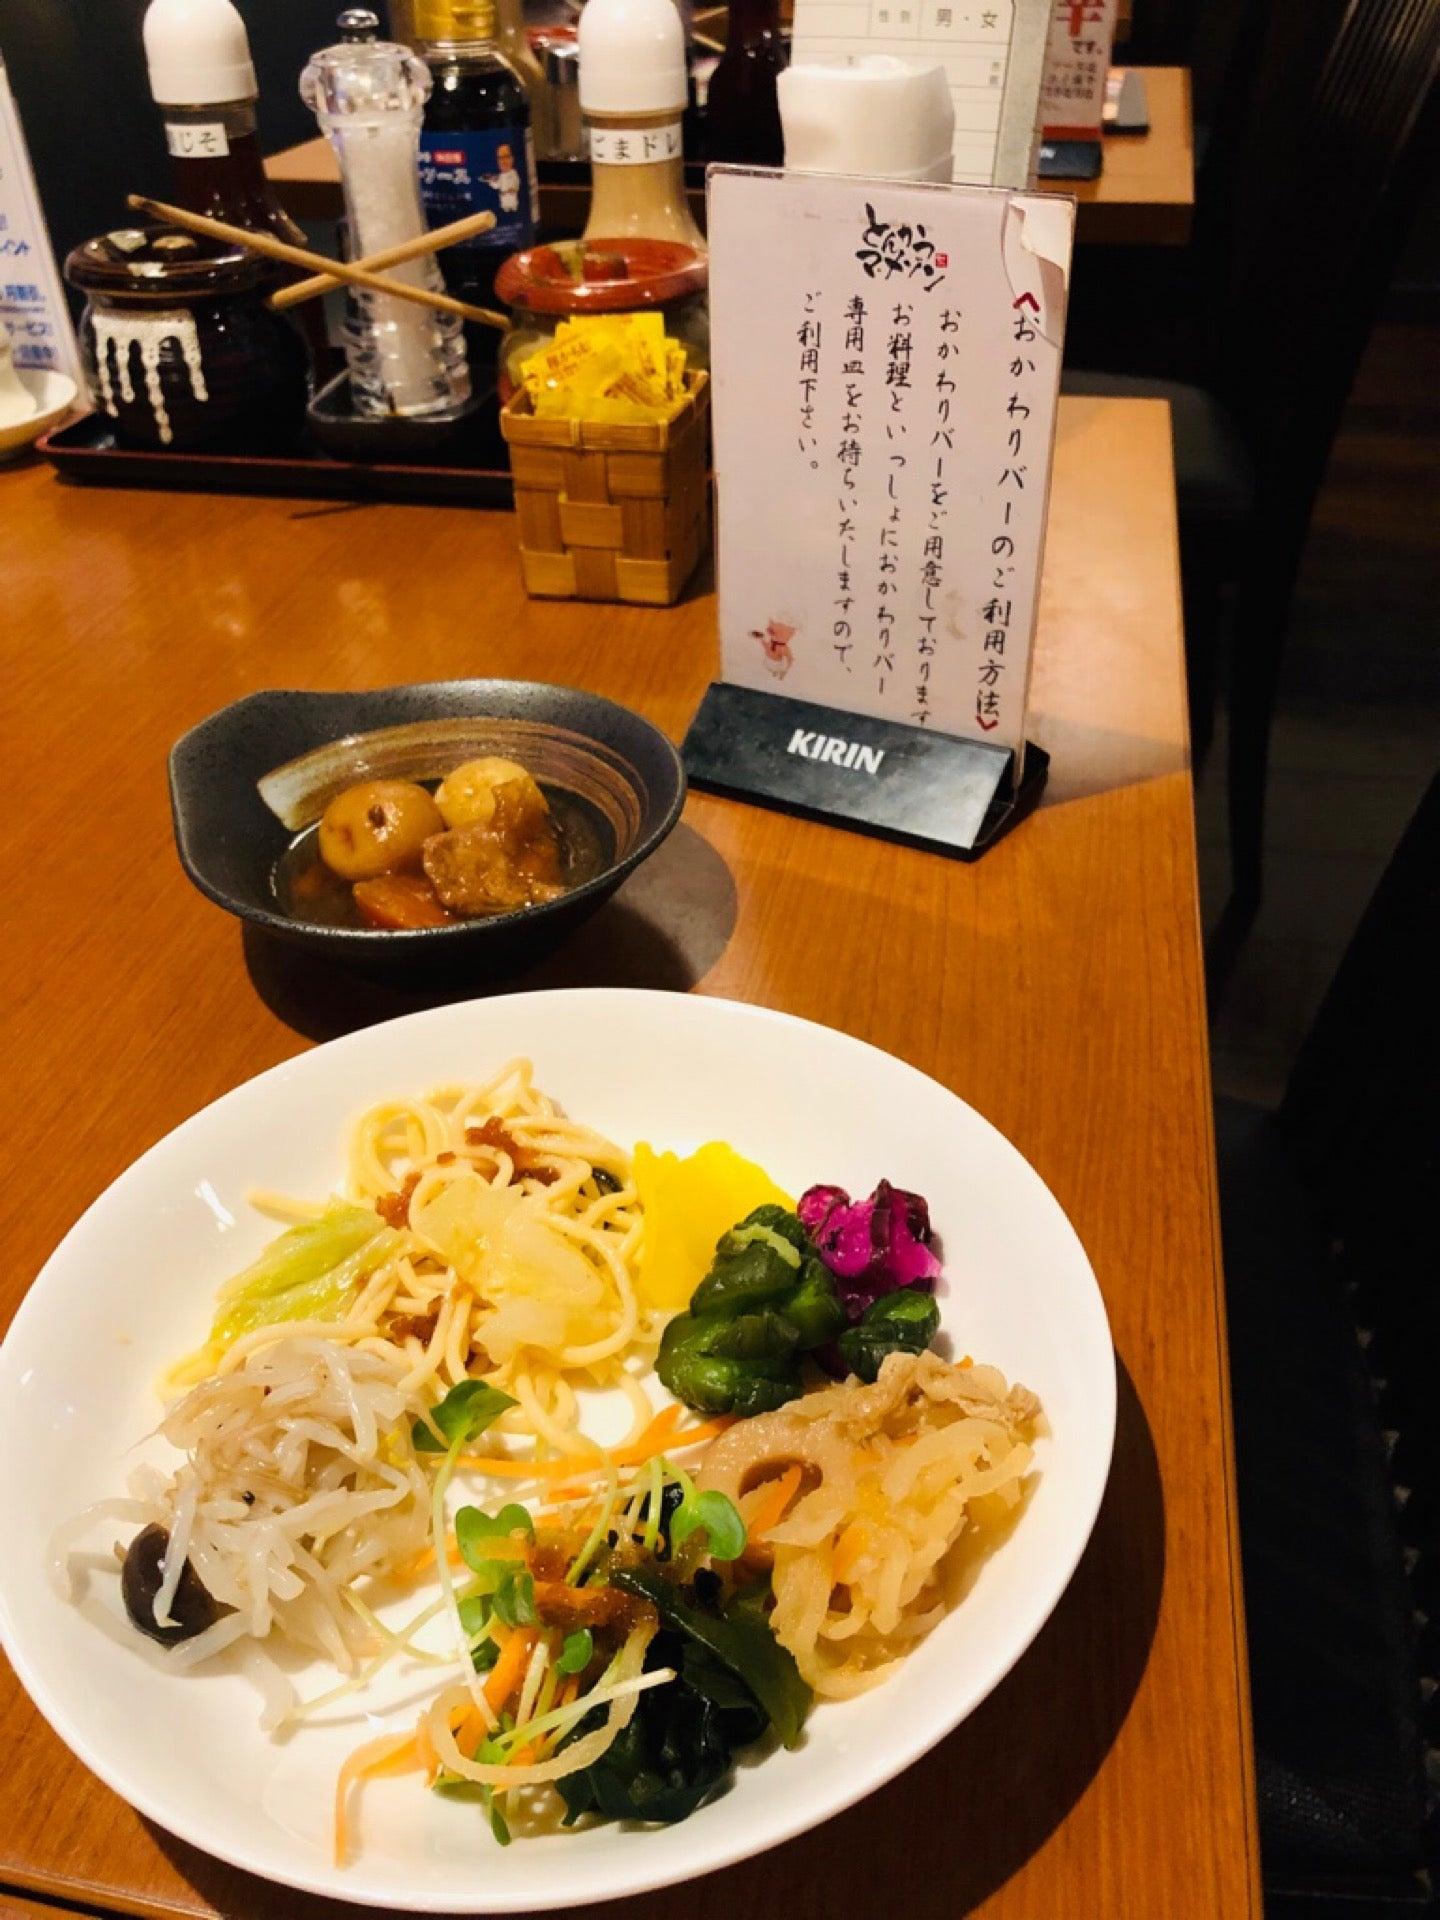 すべての料理に「おかわりバー」が付いてくるみたい。サラダとか豚汁とかご飯とか。 (@ とんかつ マ・メゾン 春日井店 in 春日井市, Aichi-ken) https://t.co/a1cfzdPZof https://t.co/a1YT6aouxV